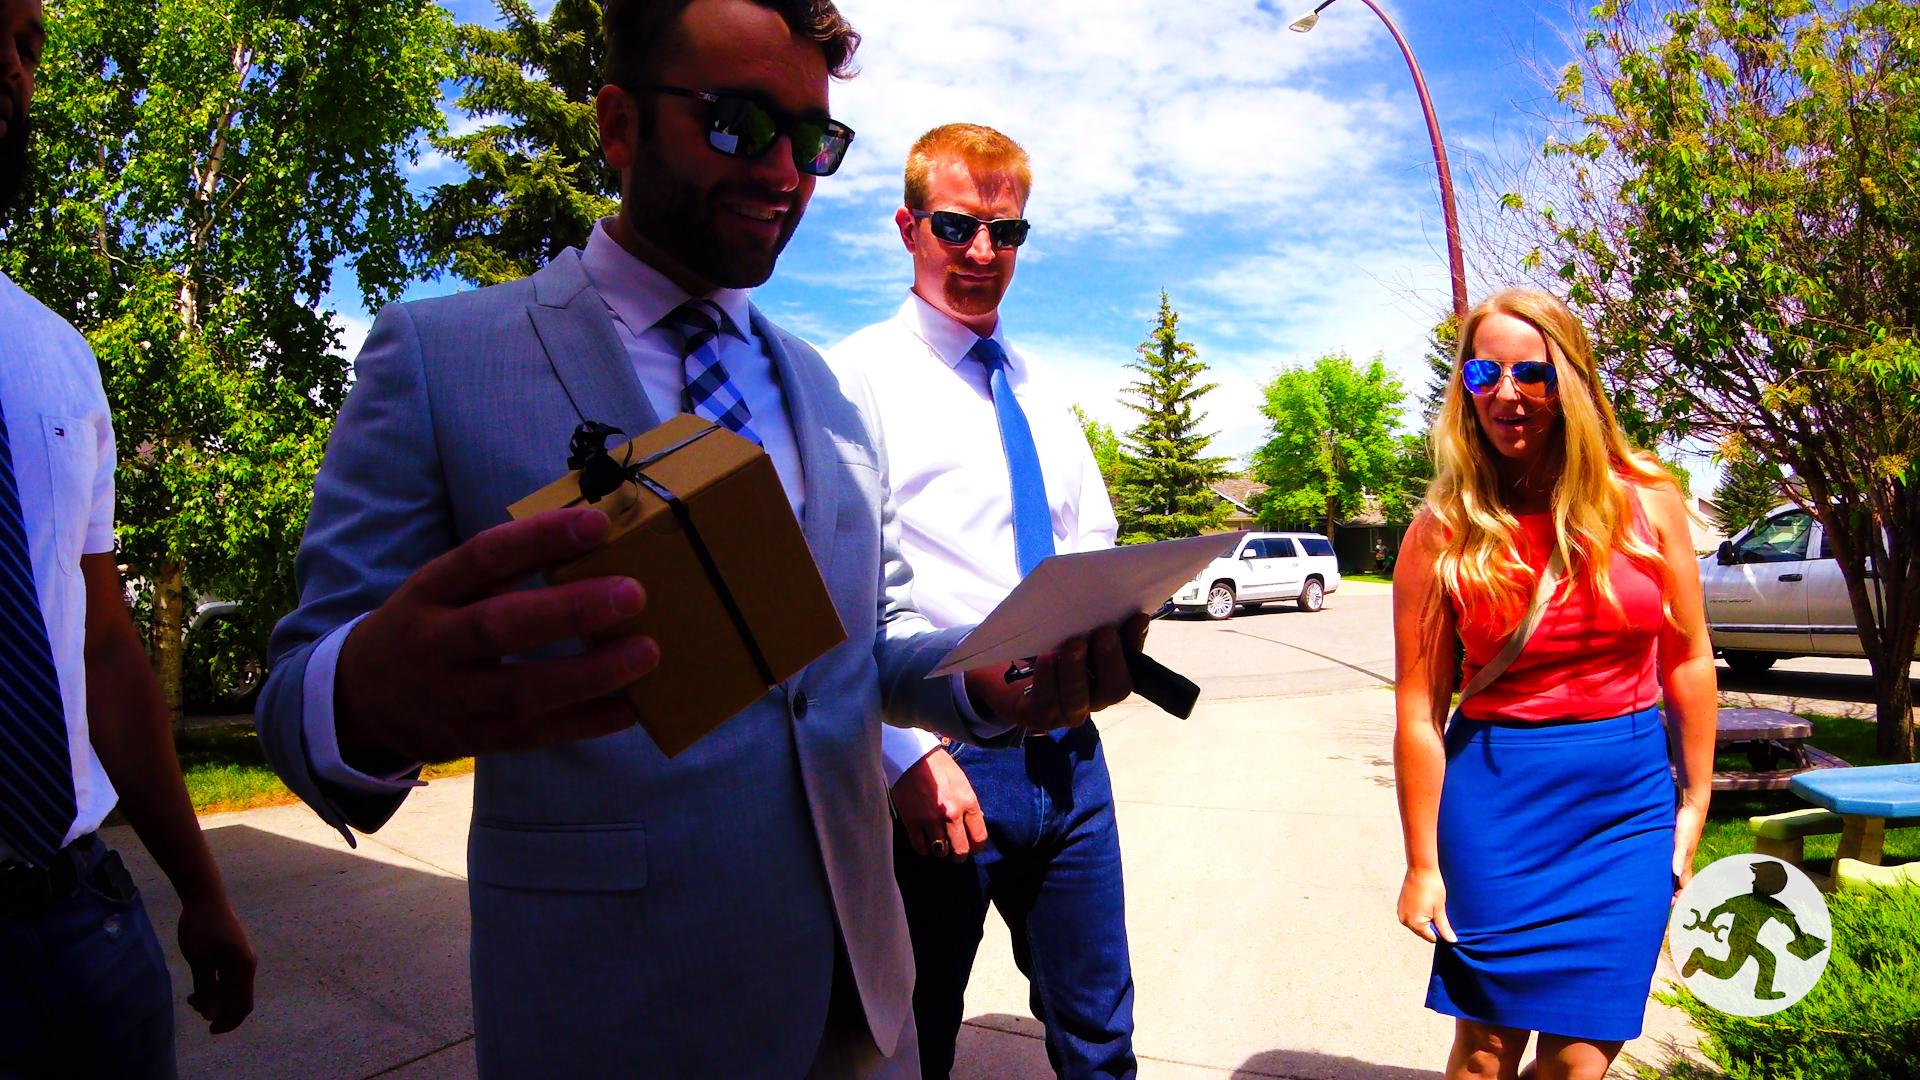 Cory's Wedding - Gift